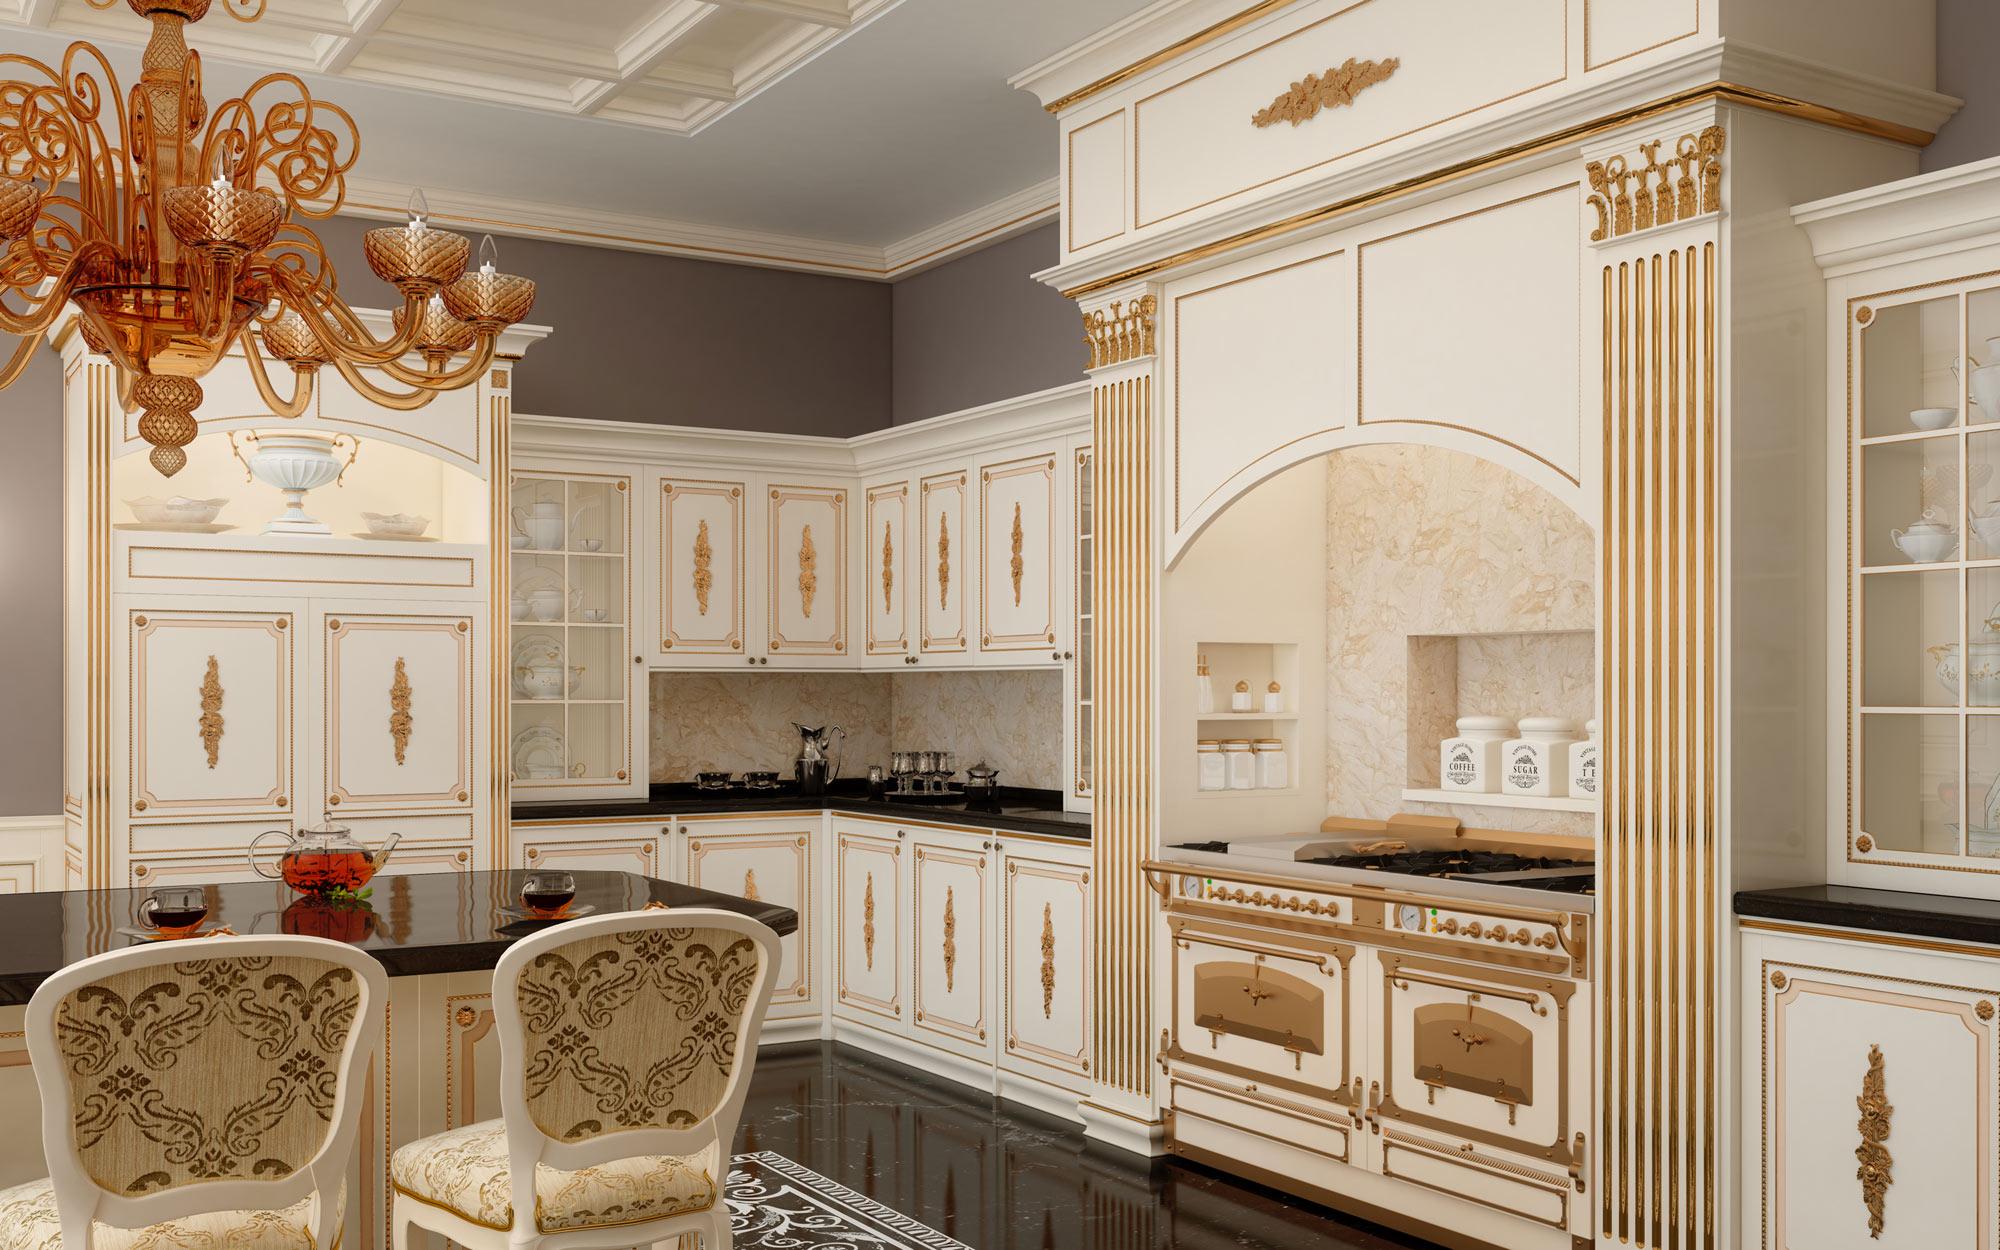 Кухонную мебель для стиля ампир выполняют преимущественно в светлых тонах